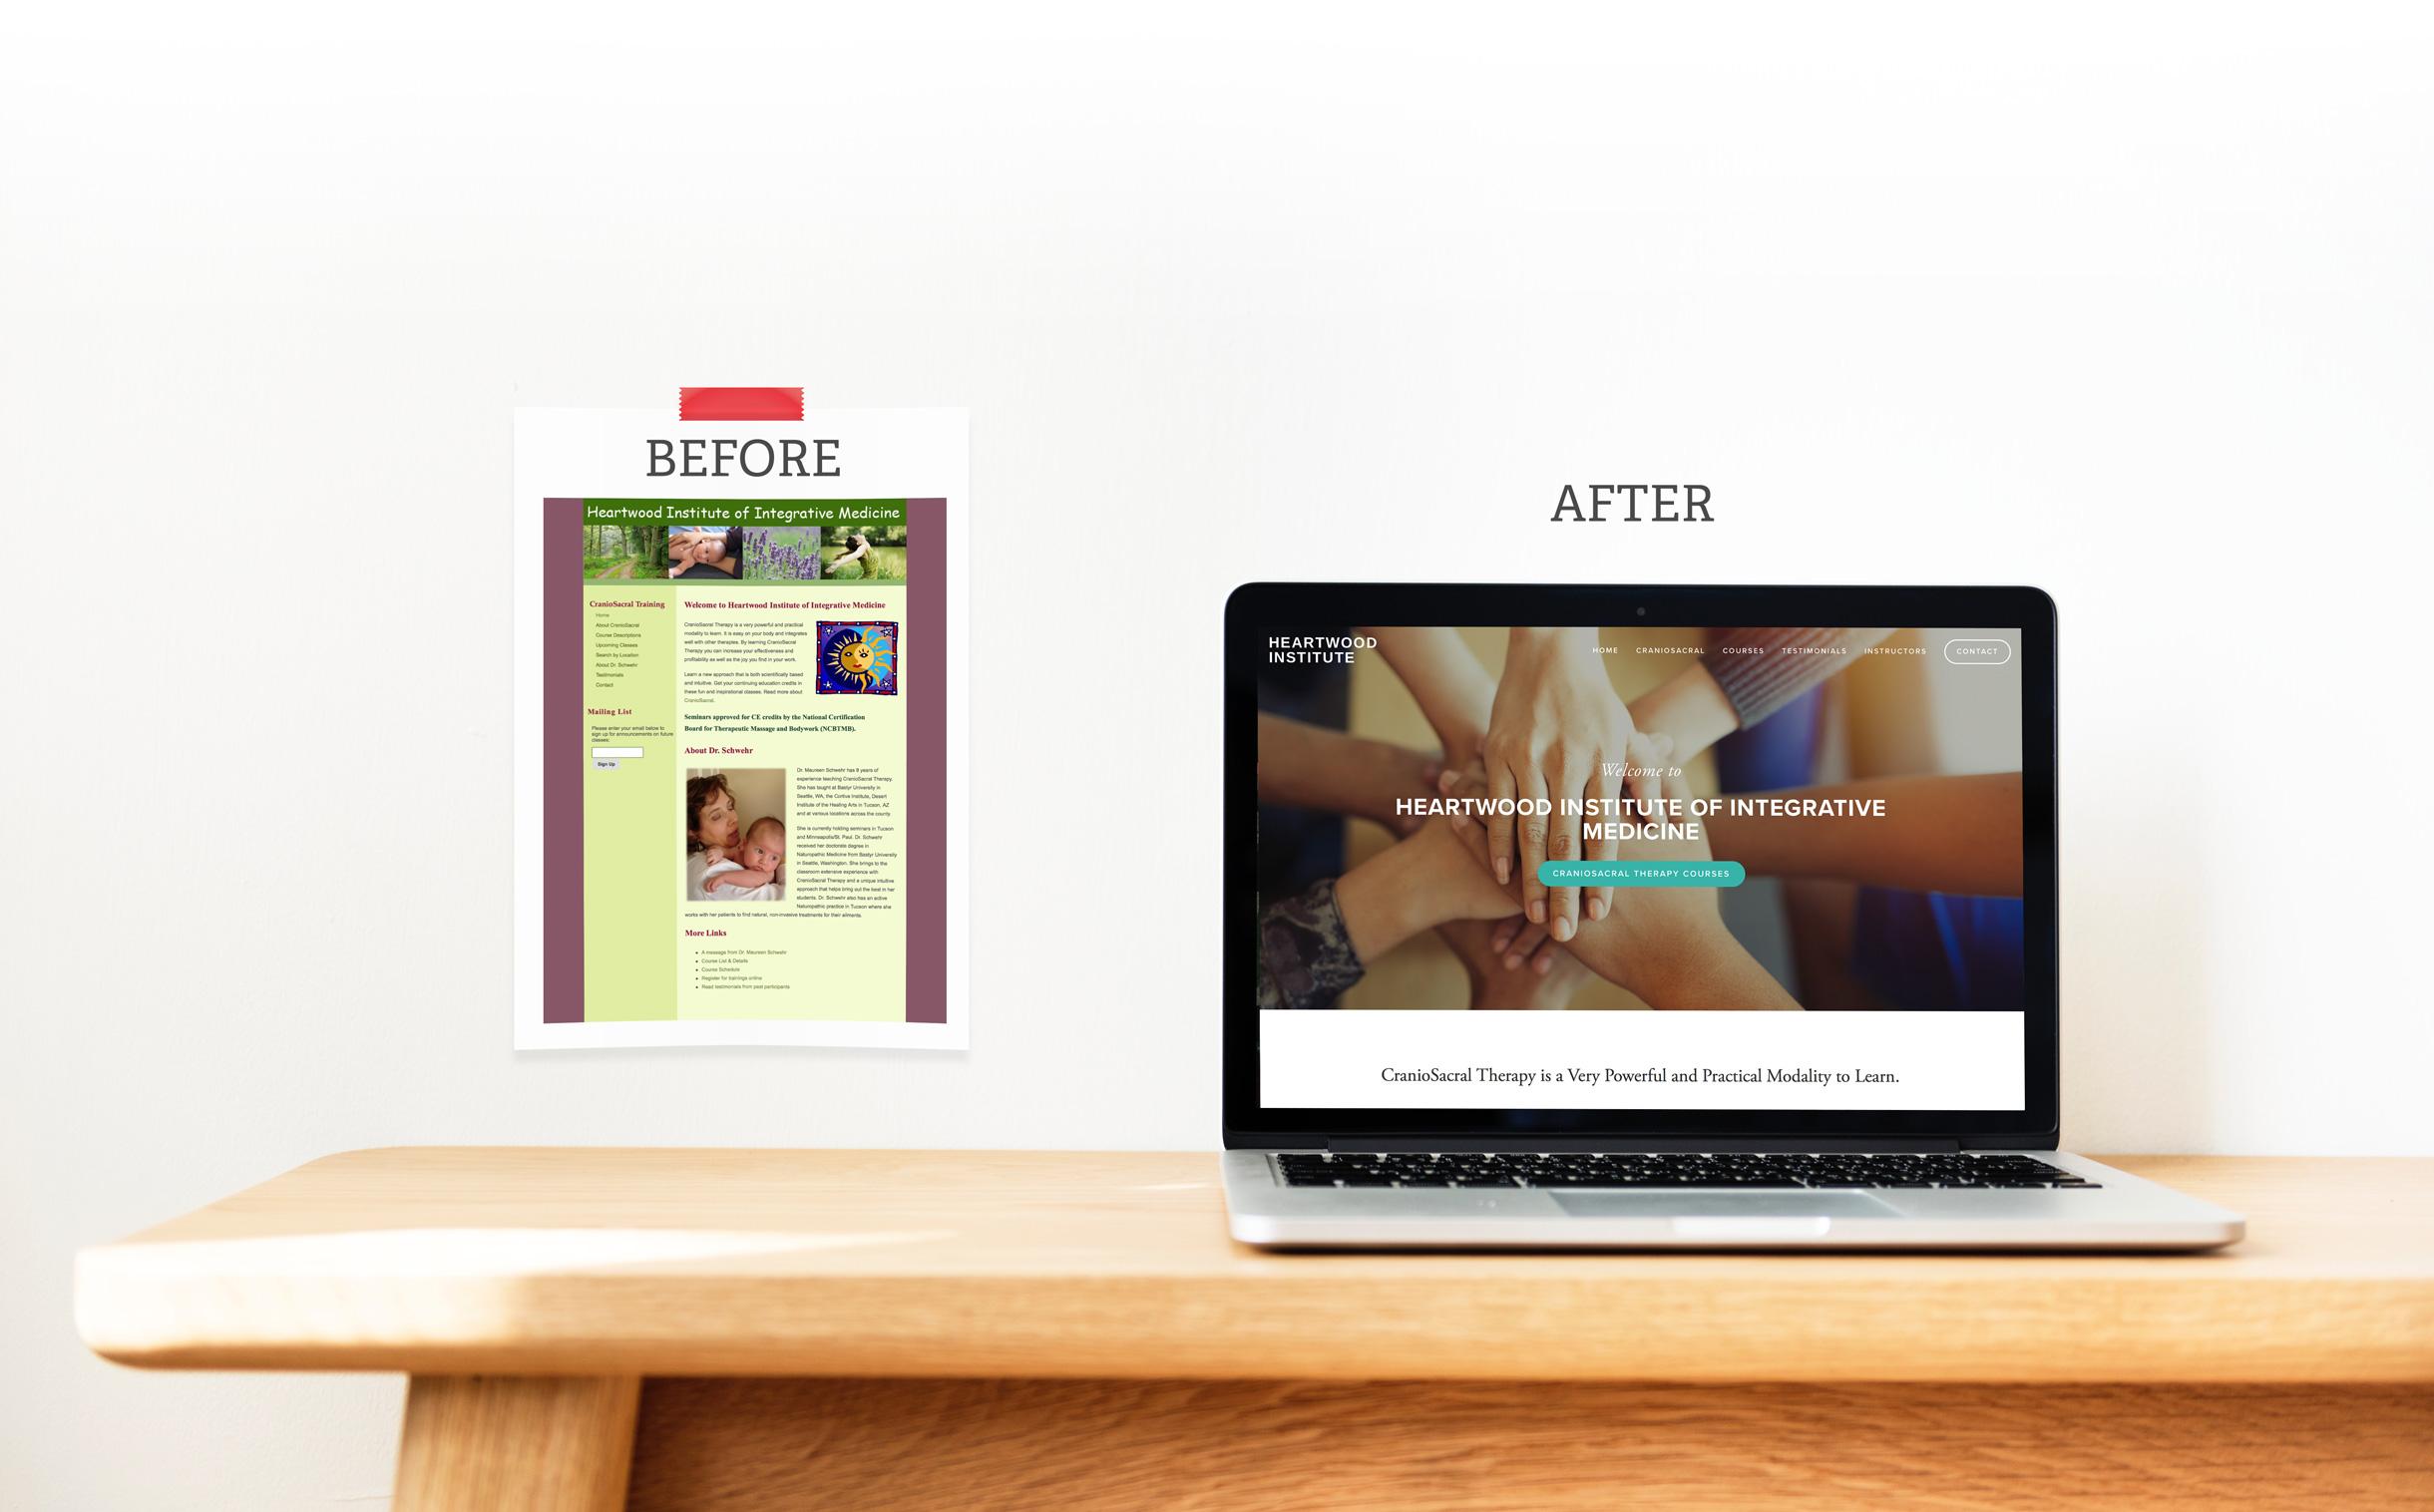 heartwood-website-design-before-after.jpg